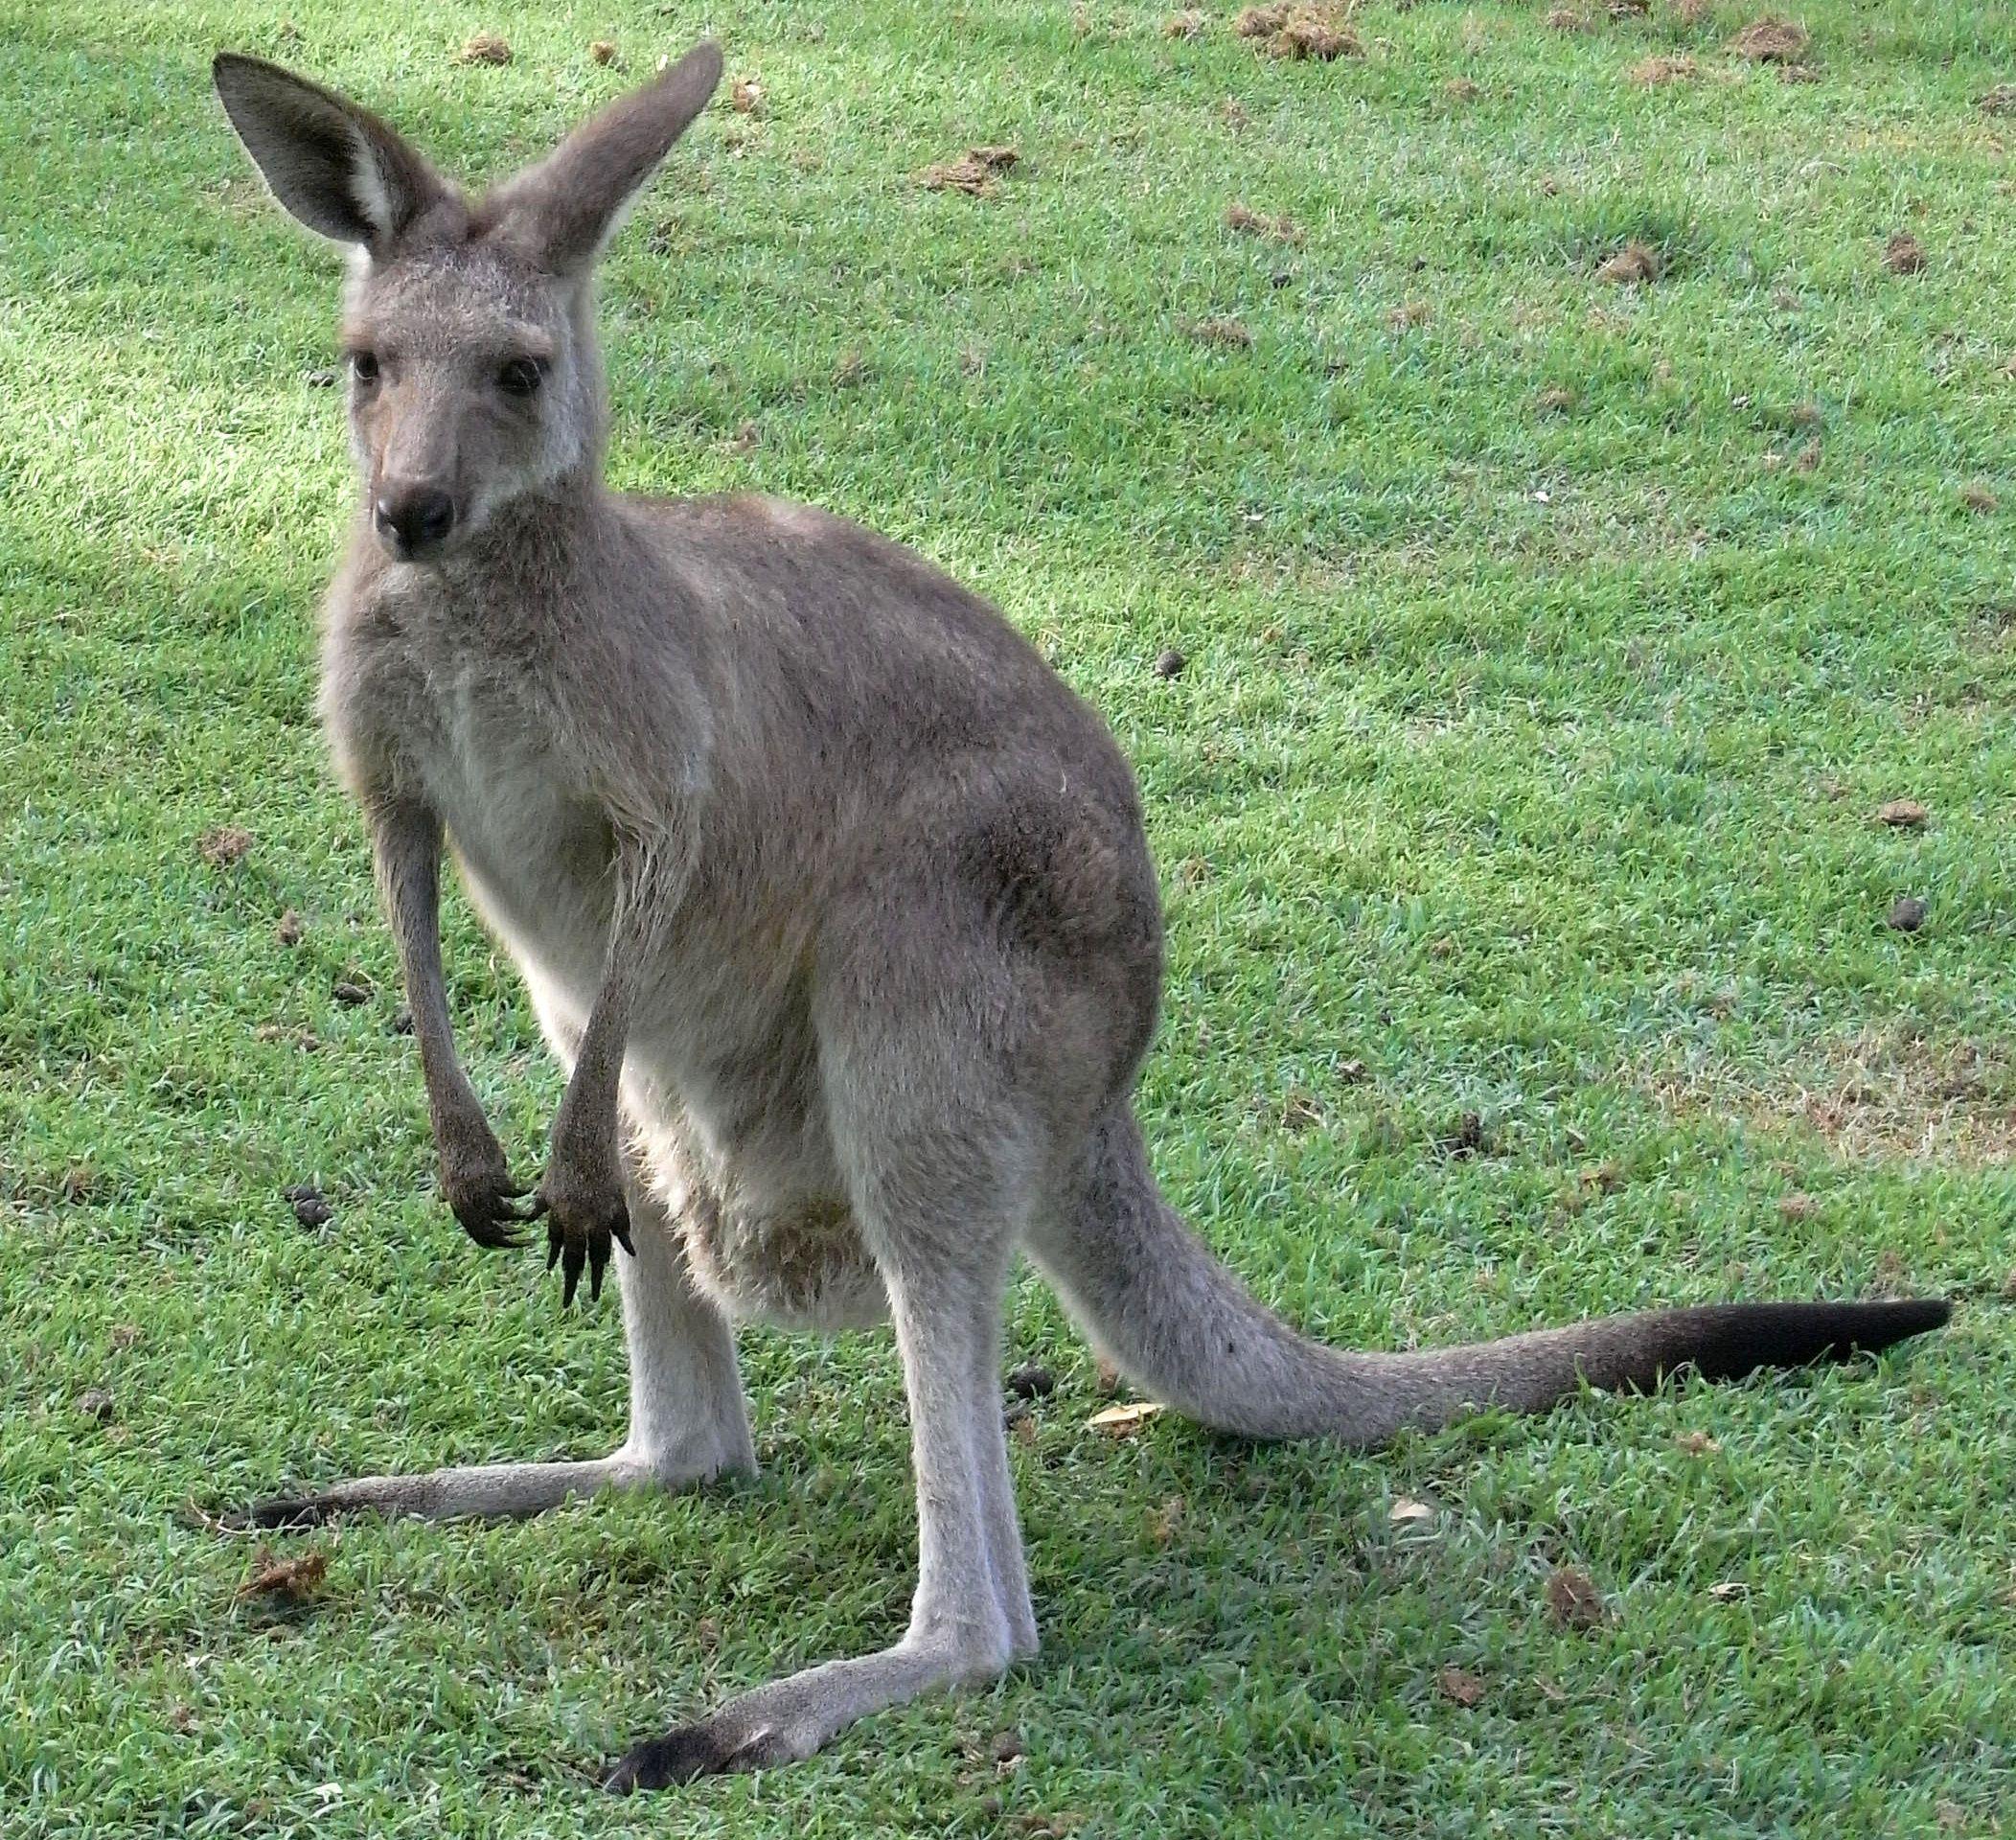 Eastern Grey Kangaroo | WILDLIFE | Pinterest | Kangaroos, Tasmanian ...